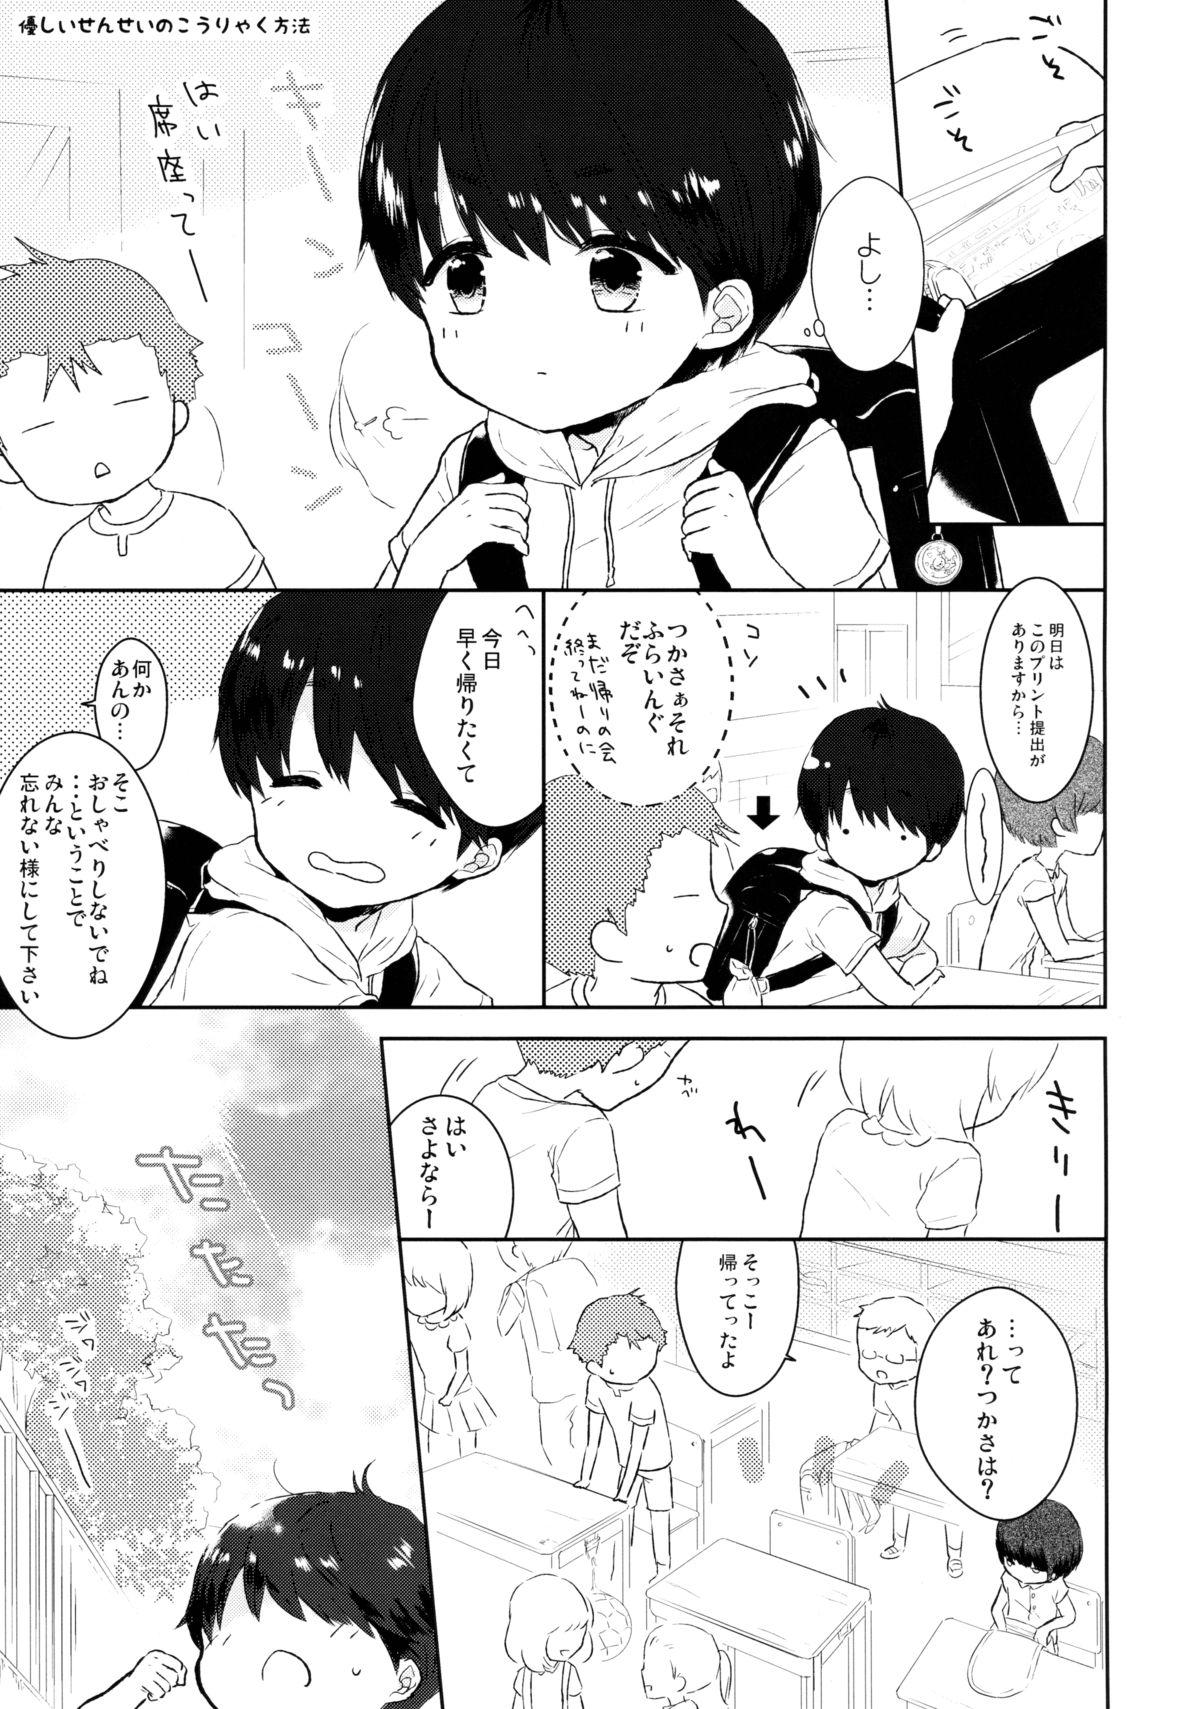 Yasashii Sensei no Kouryaku Houhou 1